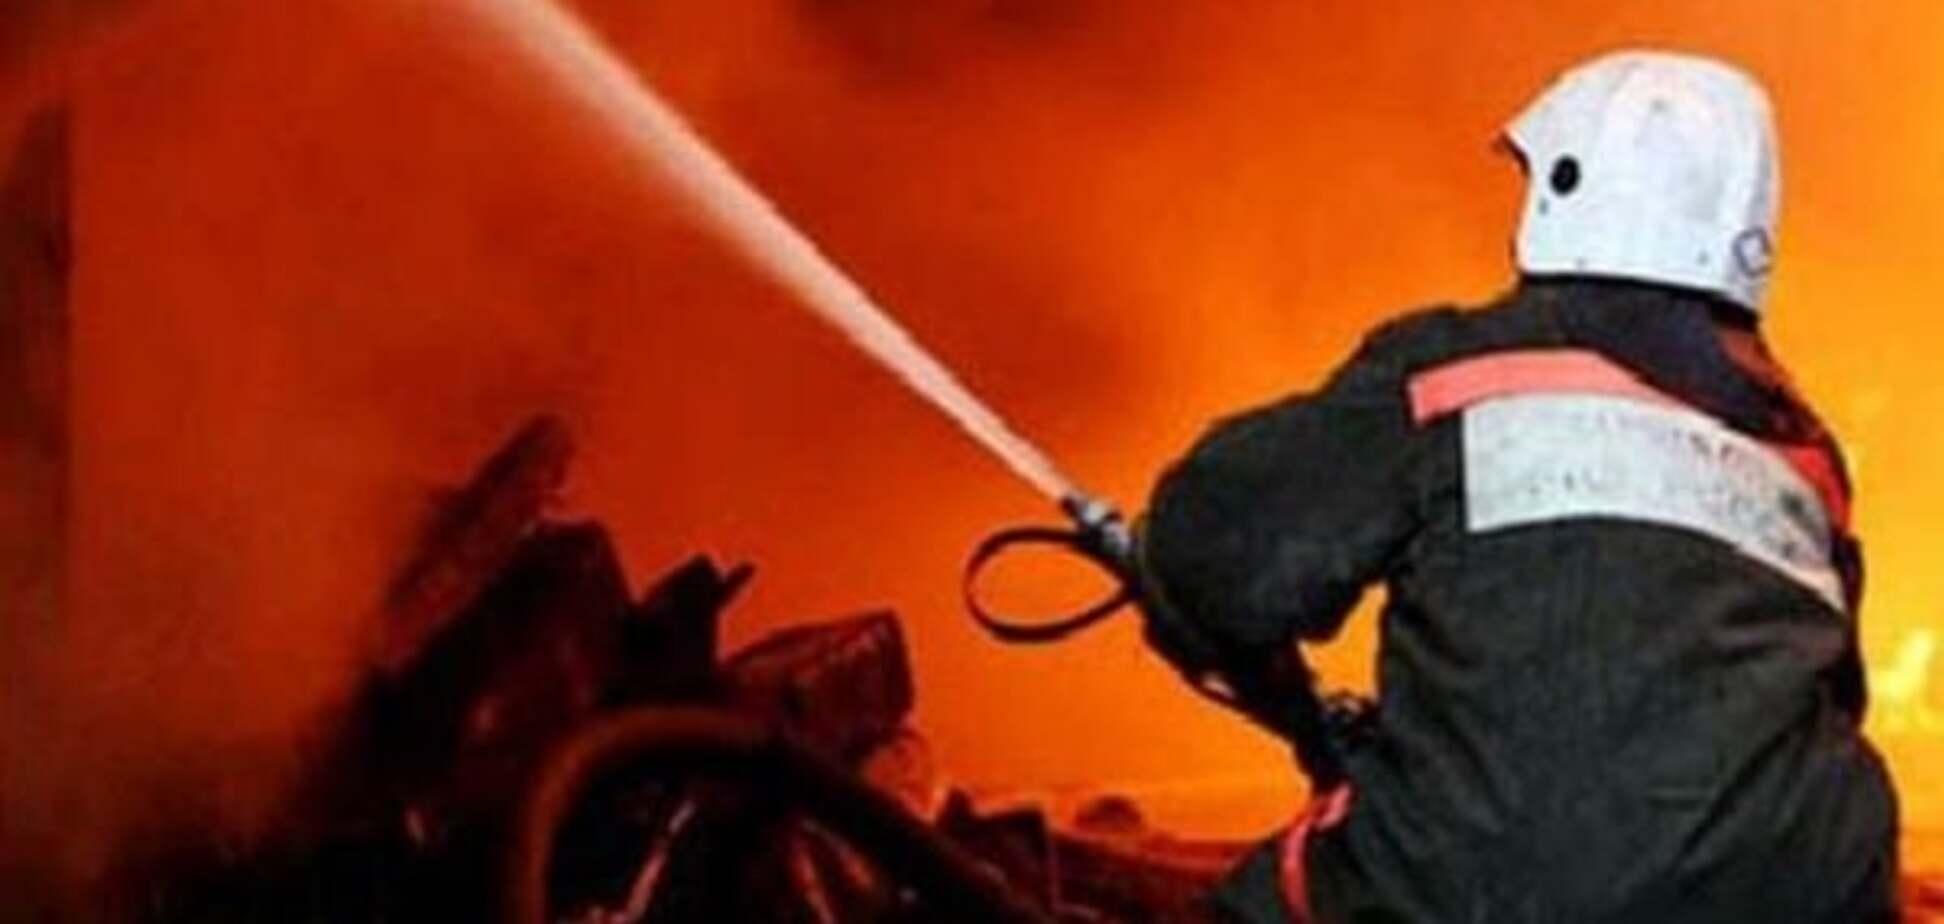 У Києві біля багатоповерхівки вночі підпалили автомобіль